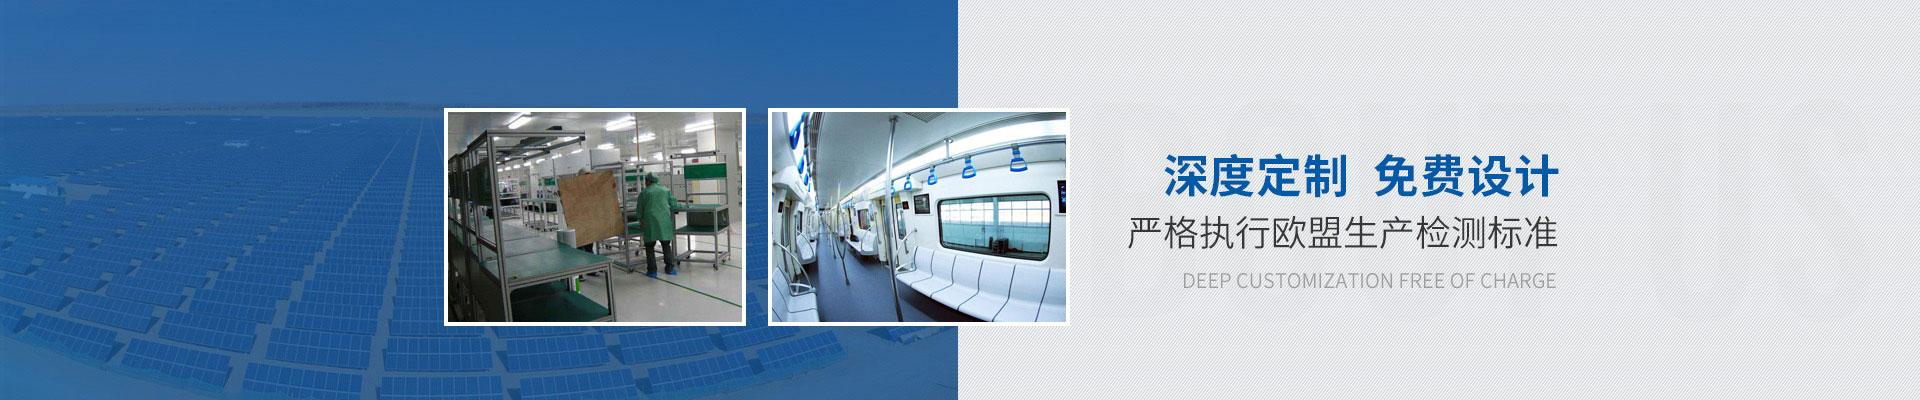 鸿发铝制品严格执行欧盟生产检测标准